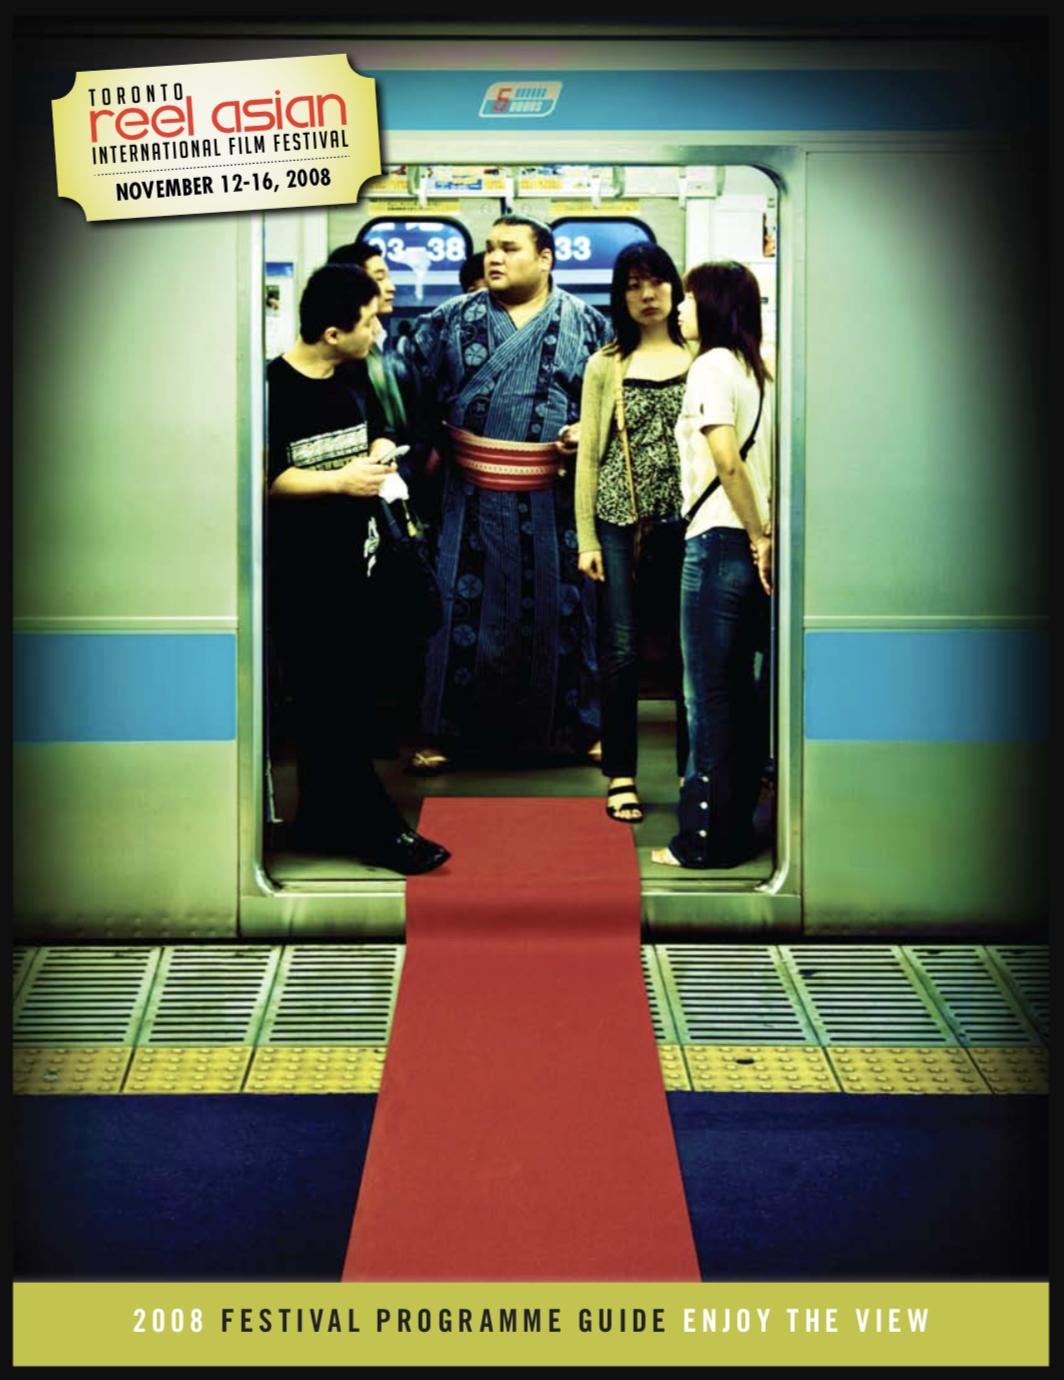 Reel Asian Festival Program Guide 2008